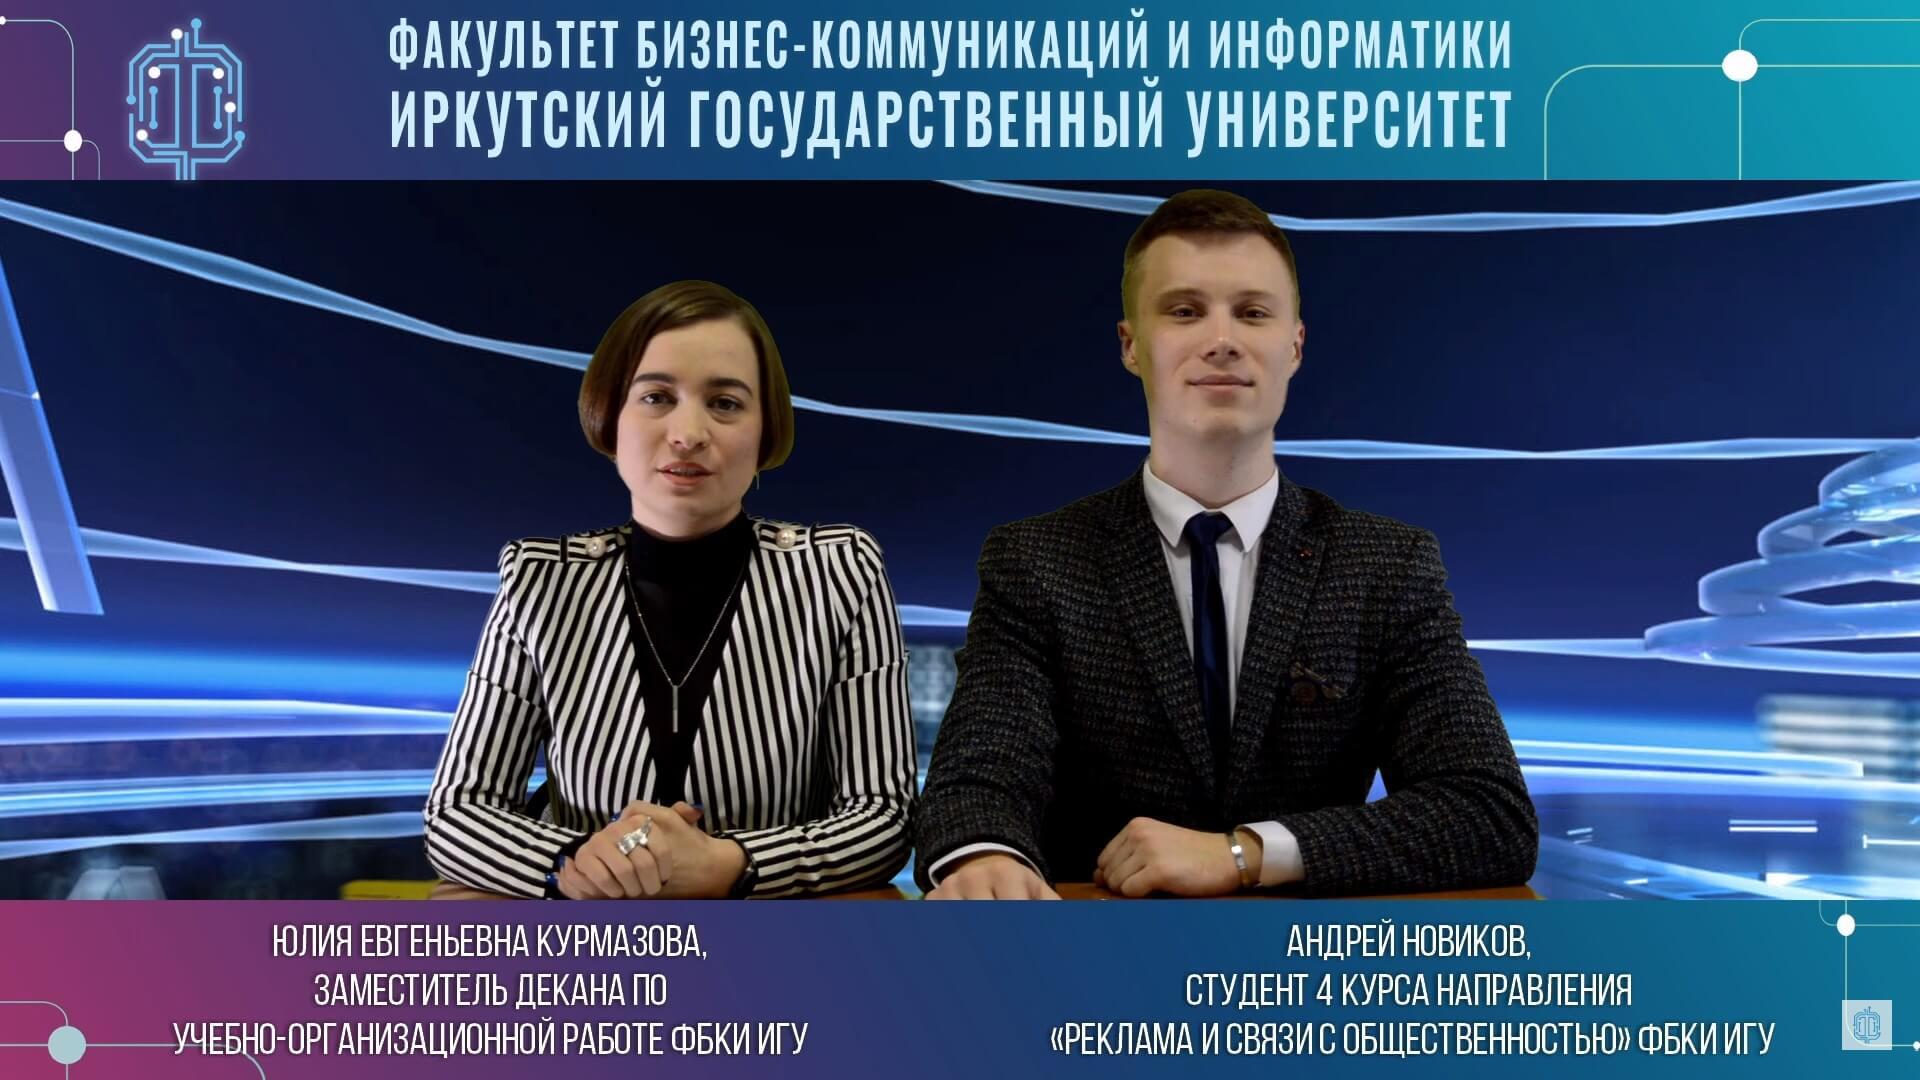 День открытых дверей факультета бизнес-коммуникаций и информатики ИГУ